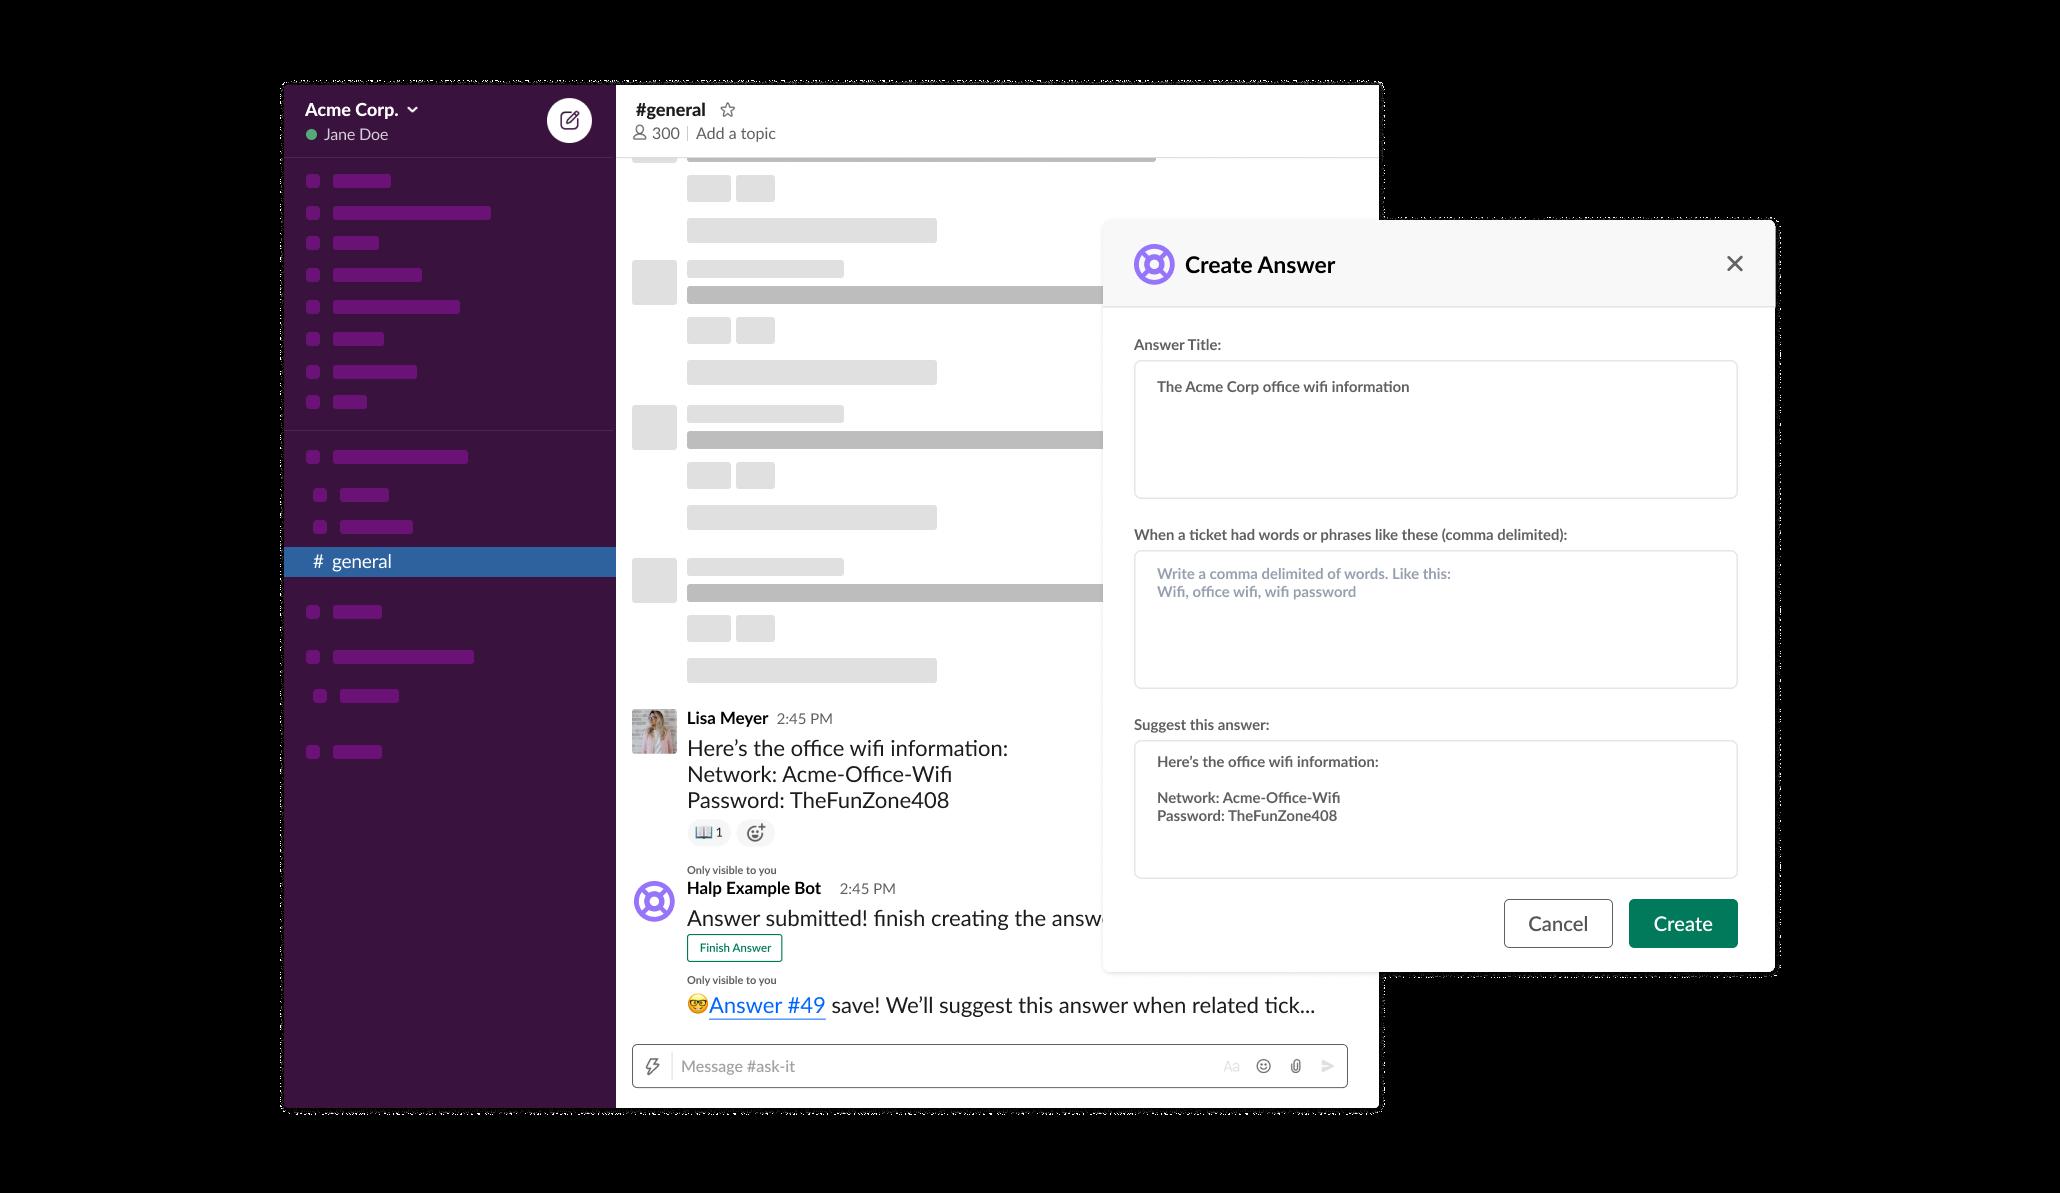 Transforme mensagens do Slack em tickets